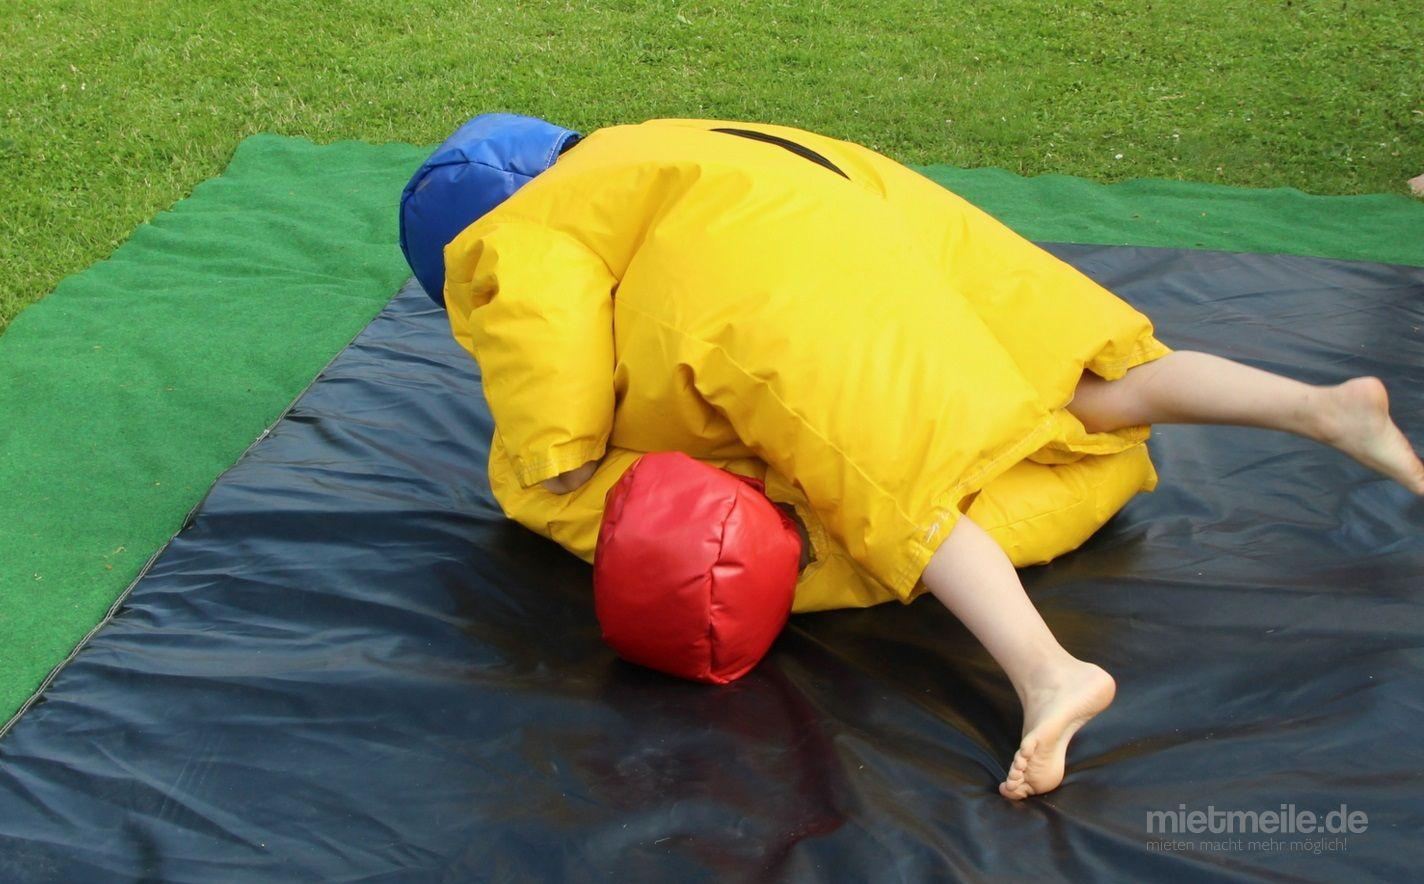 Sumo-Ringen mieten & vermieten - Sumo Ringen für Kinder / Kinderfest / Sportfest in Butzbach